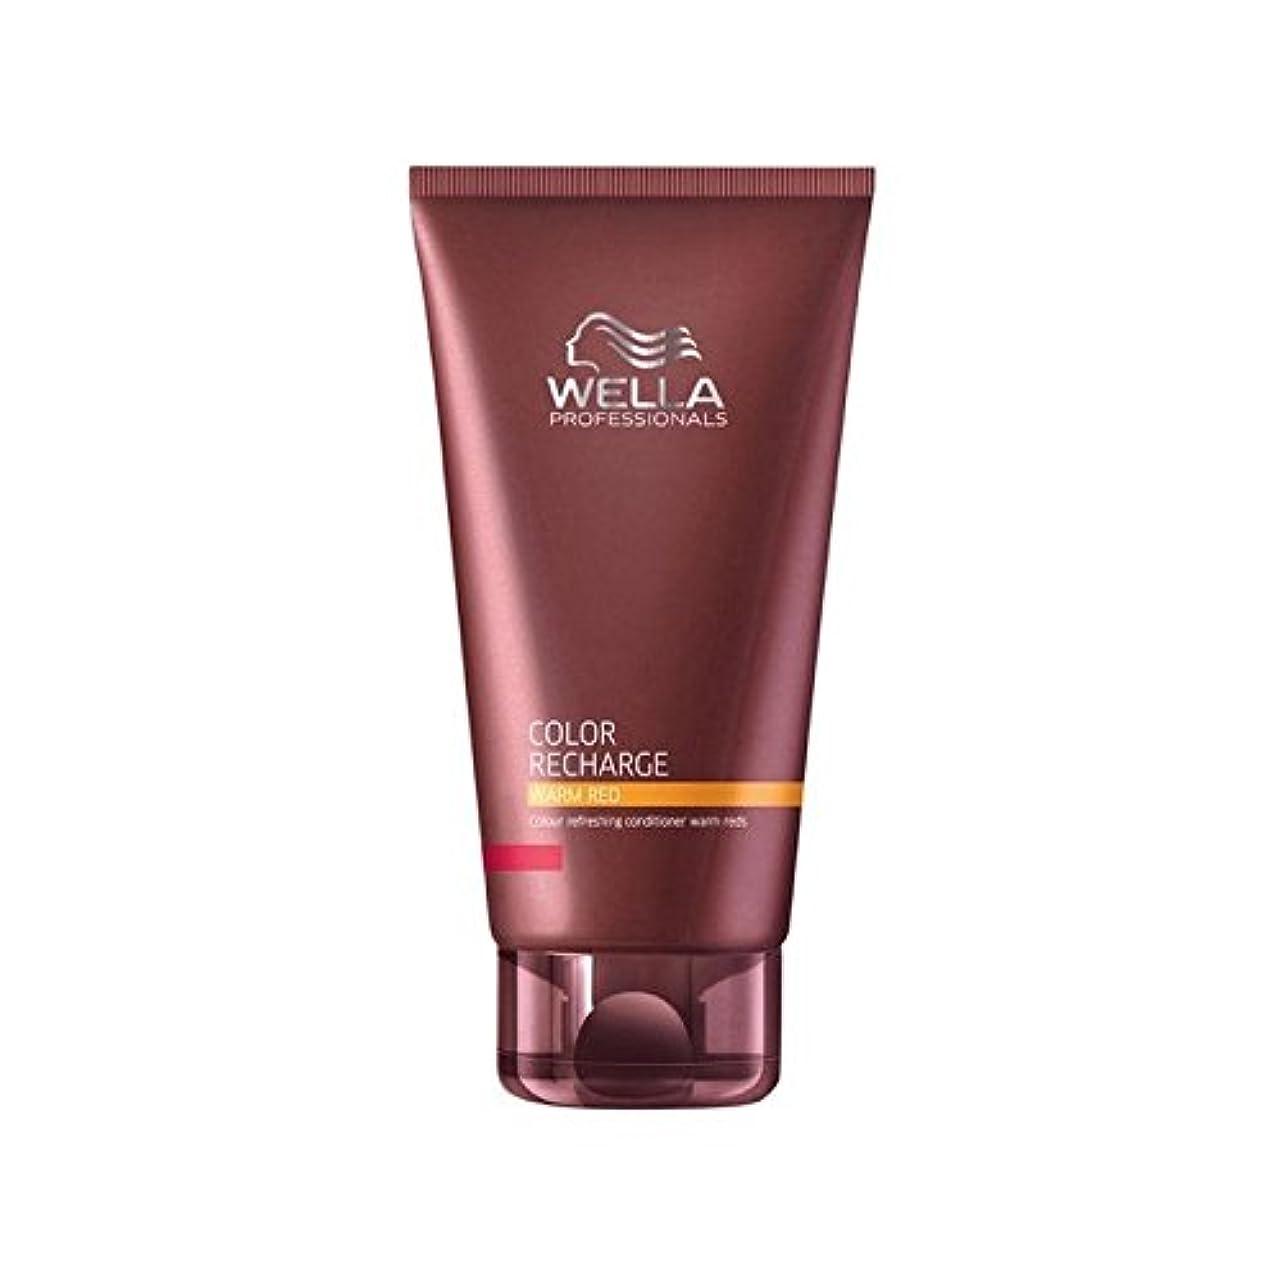 すごい悪化させる国民ウエラ専門家のカラー再充電コンディショナー暖かい赤(200ミリリットル) x2 - Wella Professionals Color Recharge Conditioner Warm Red (200ml) (Pack of 2) [並行輸入品]